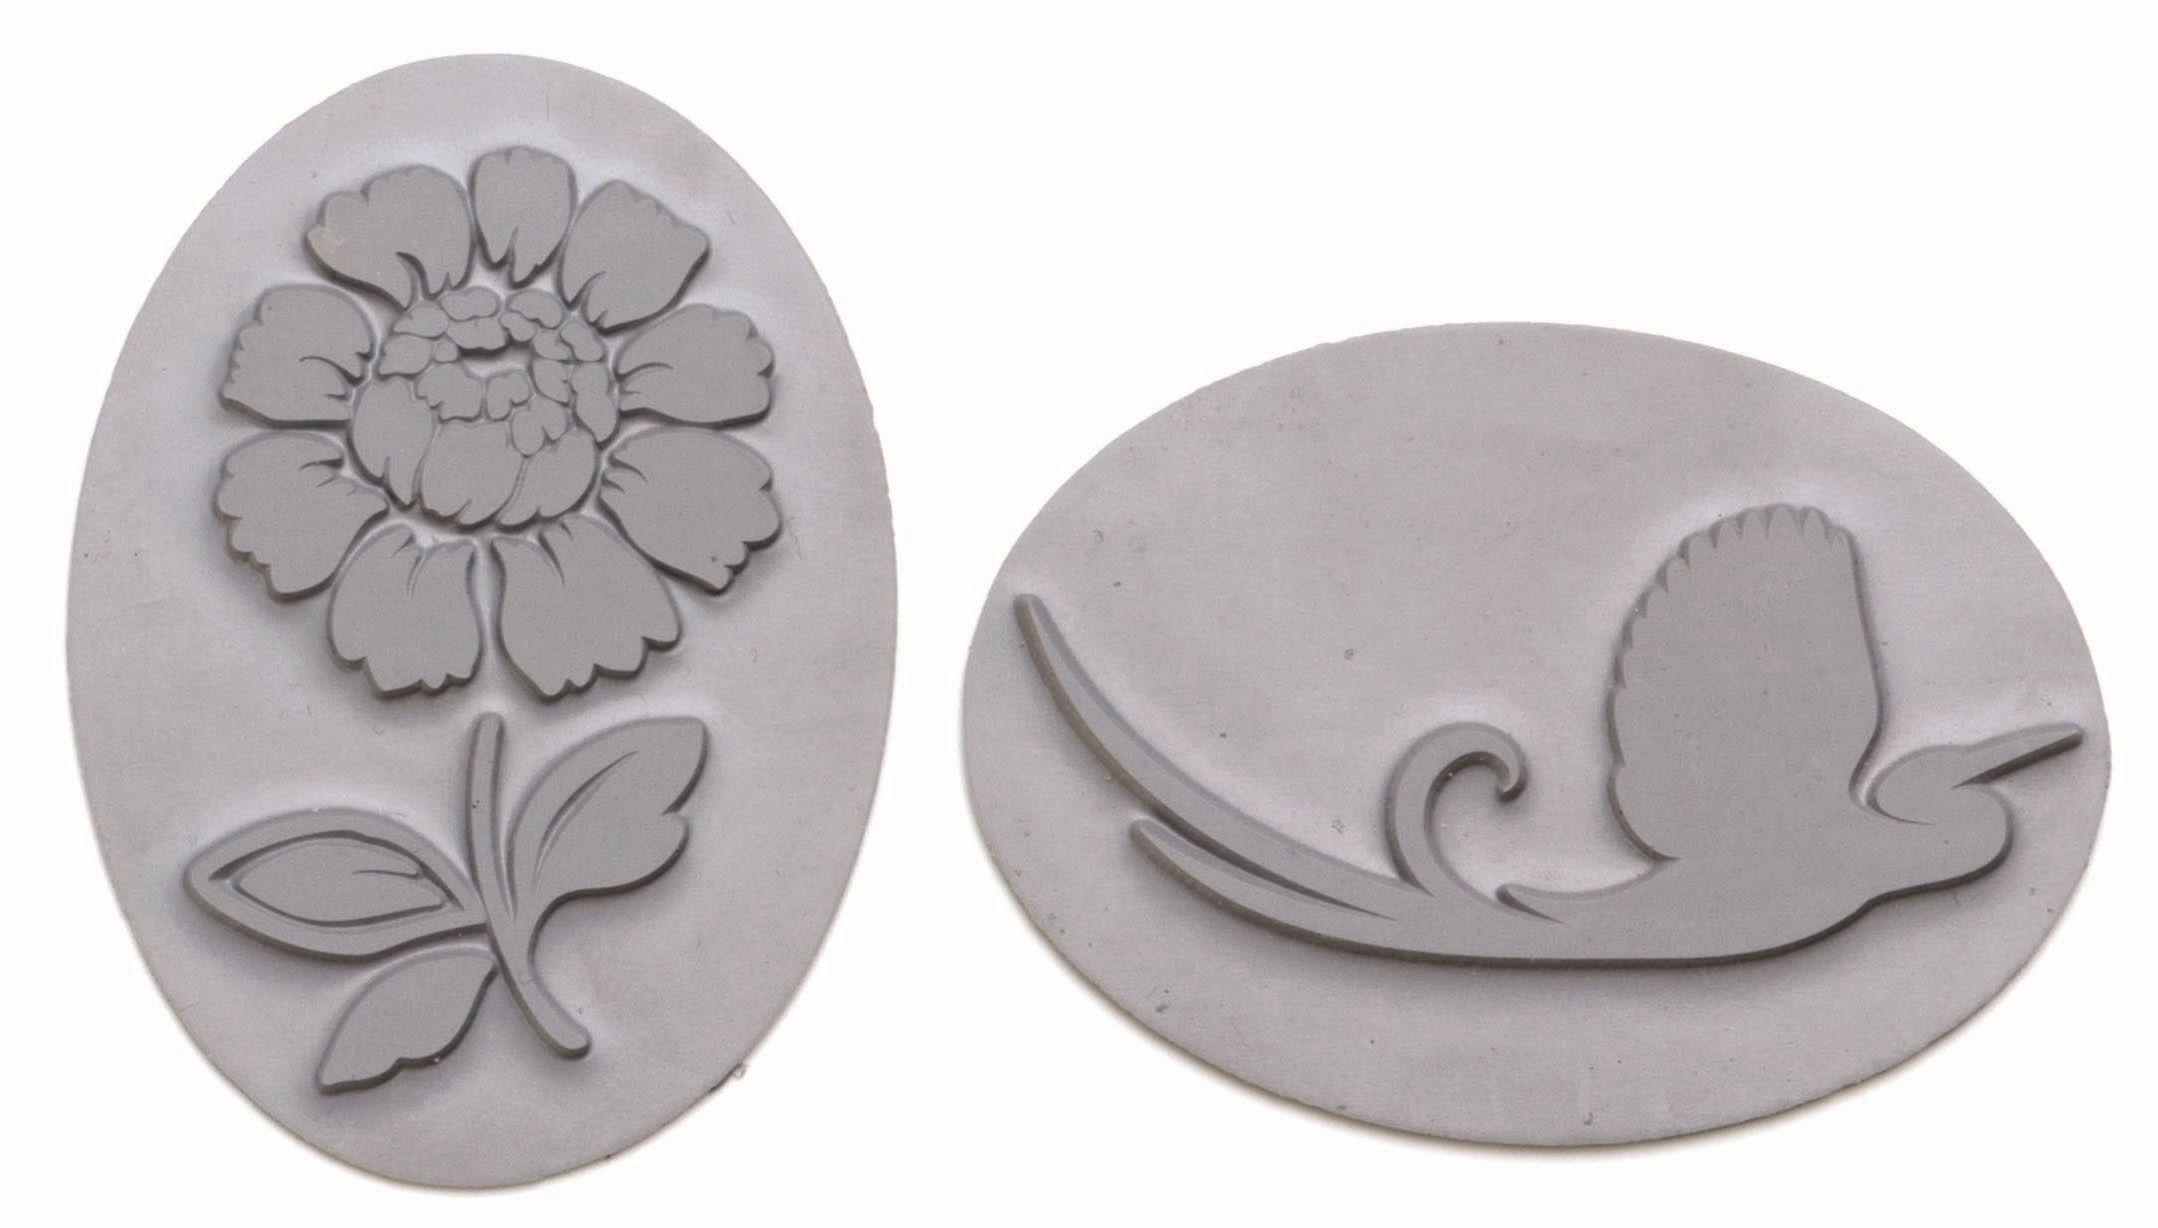 61600440 Вкладыш в овальную форму для мыловарения,цветок,2шт. Glorex